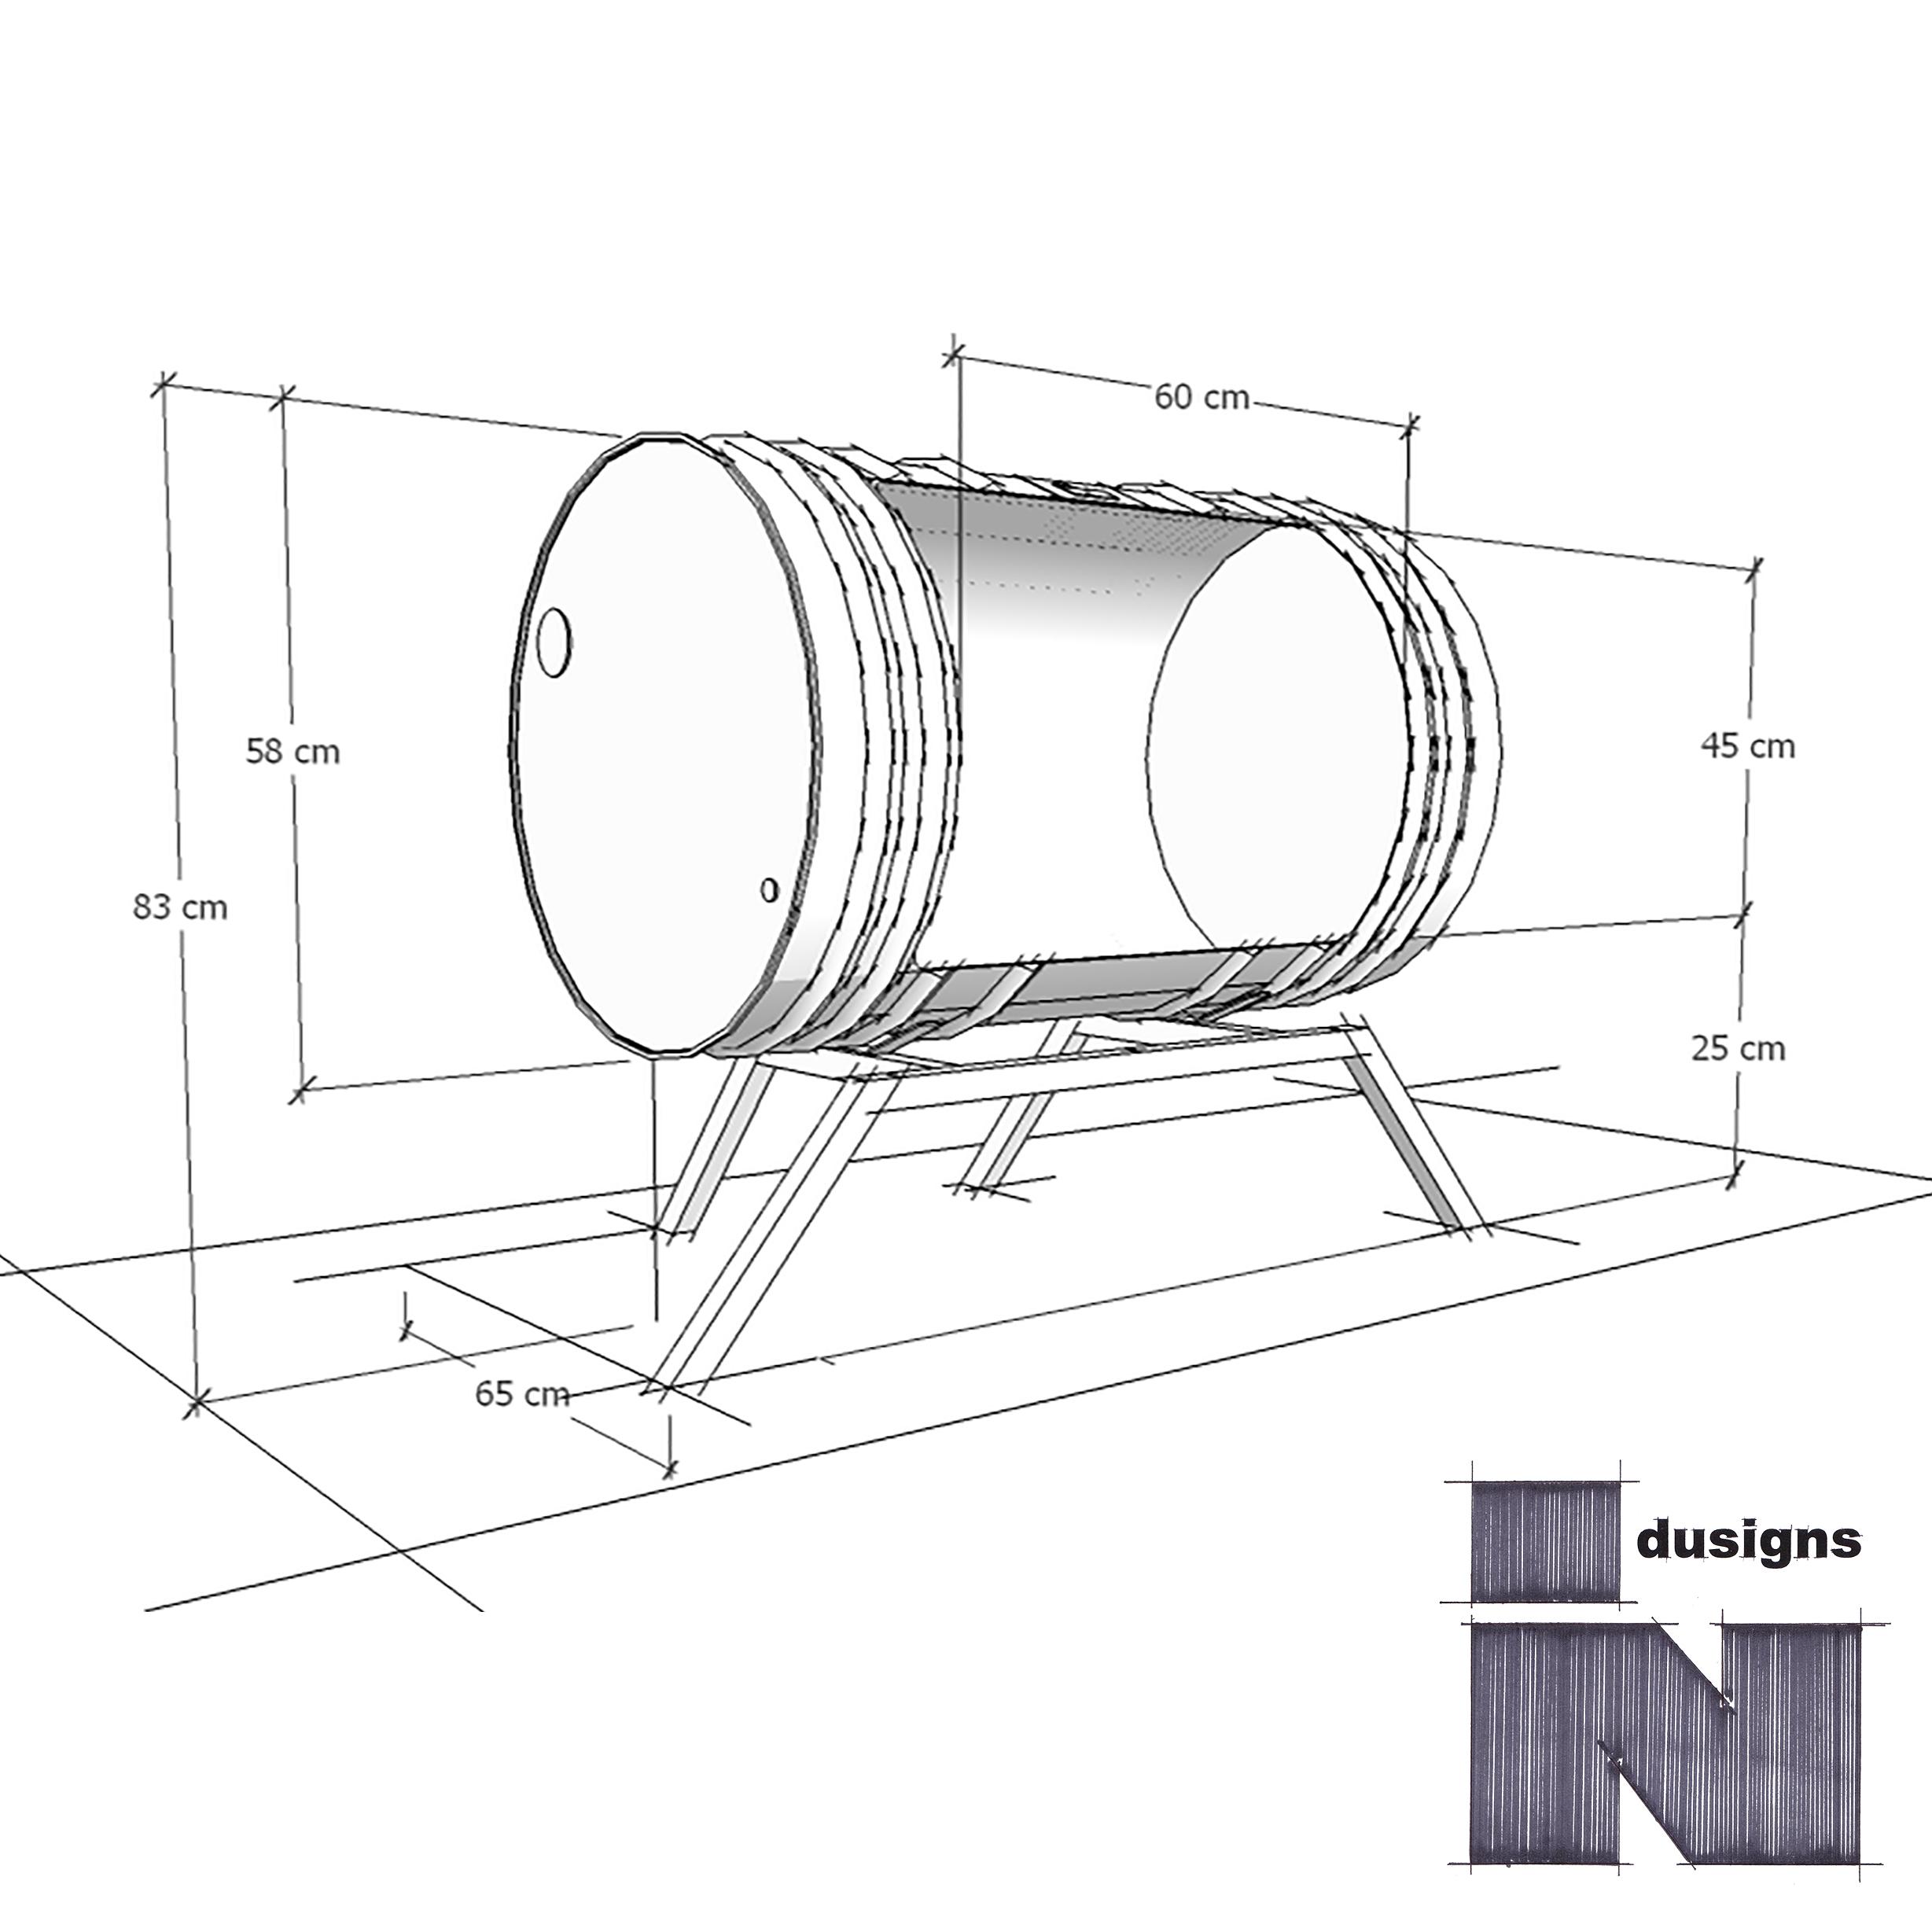 afmetingen-stoere-industriele-hondenmand-dog-de-luxe-indusigns-2